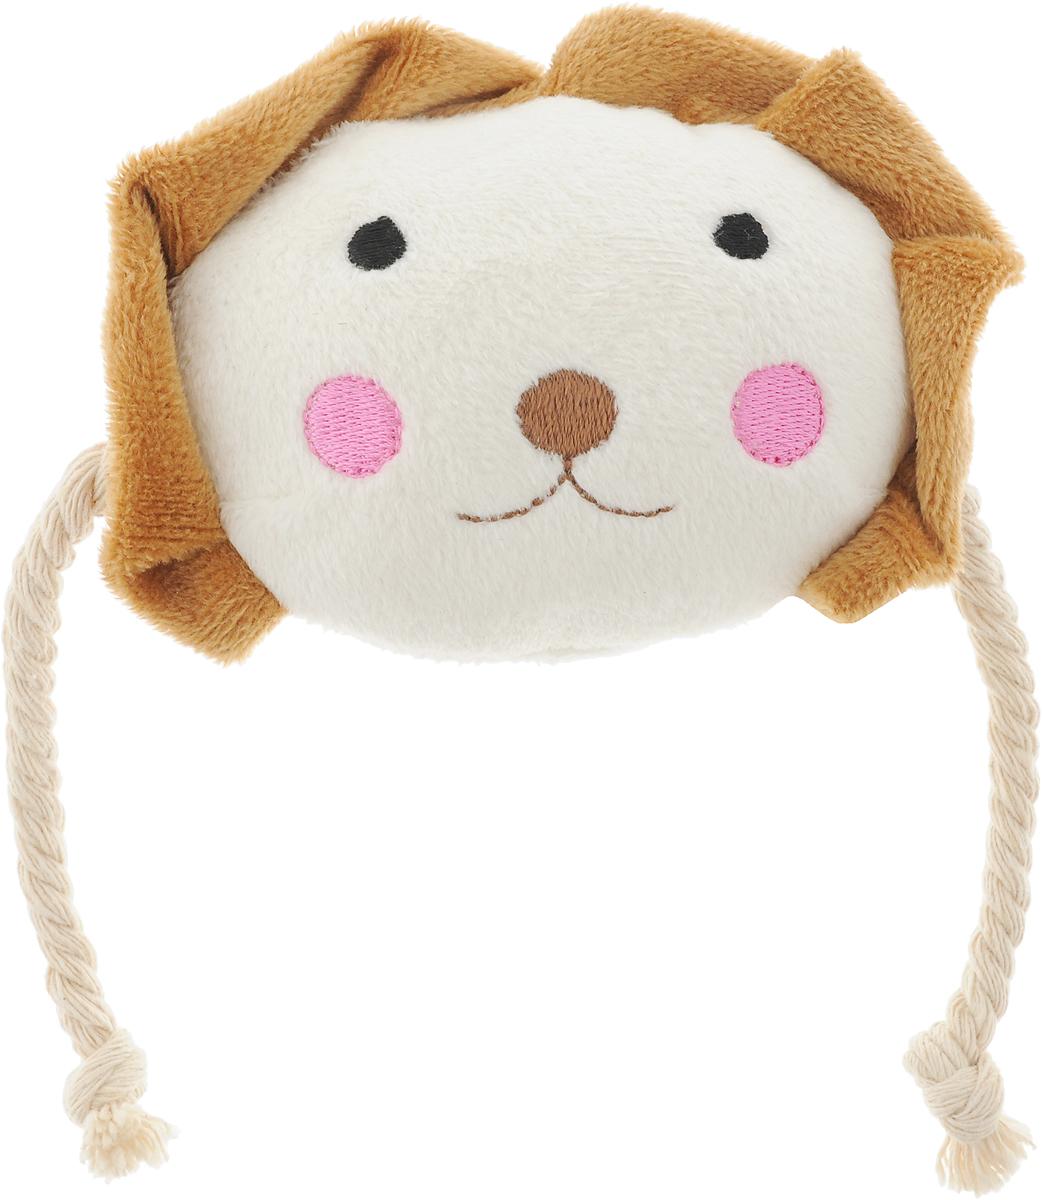 Игрушка для животных GLG Веселая семейка. Собачка, цвет: молочный, коричневый игрушка для животных каскад удочка с микки маусом 47 см